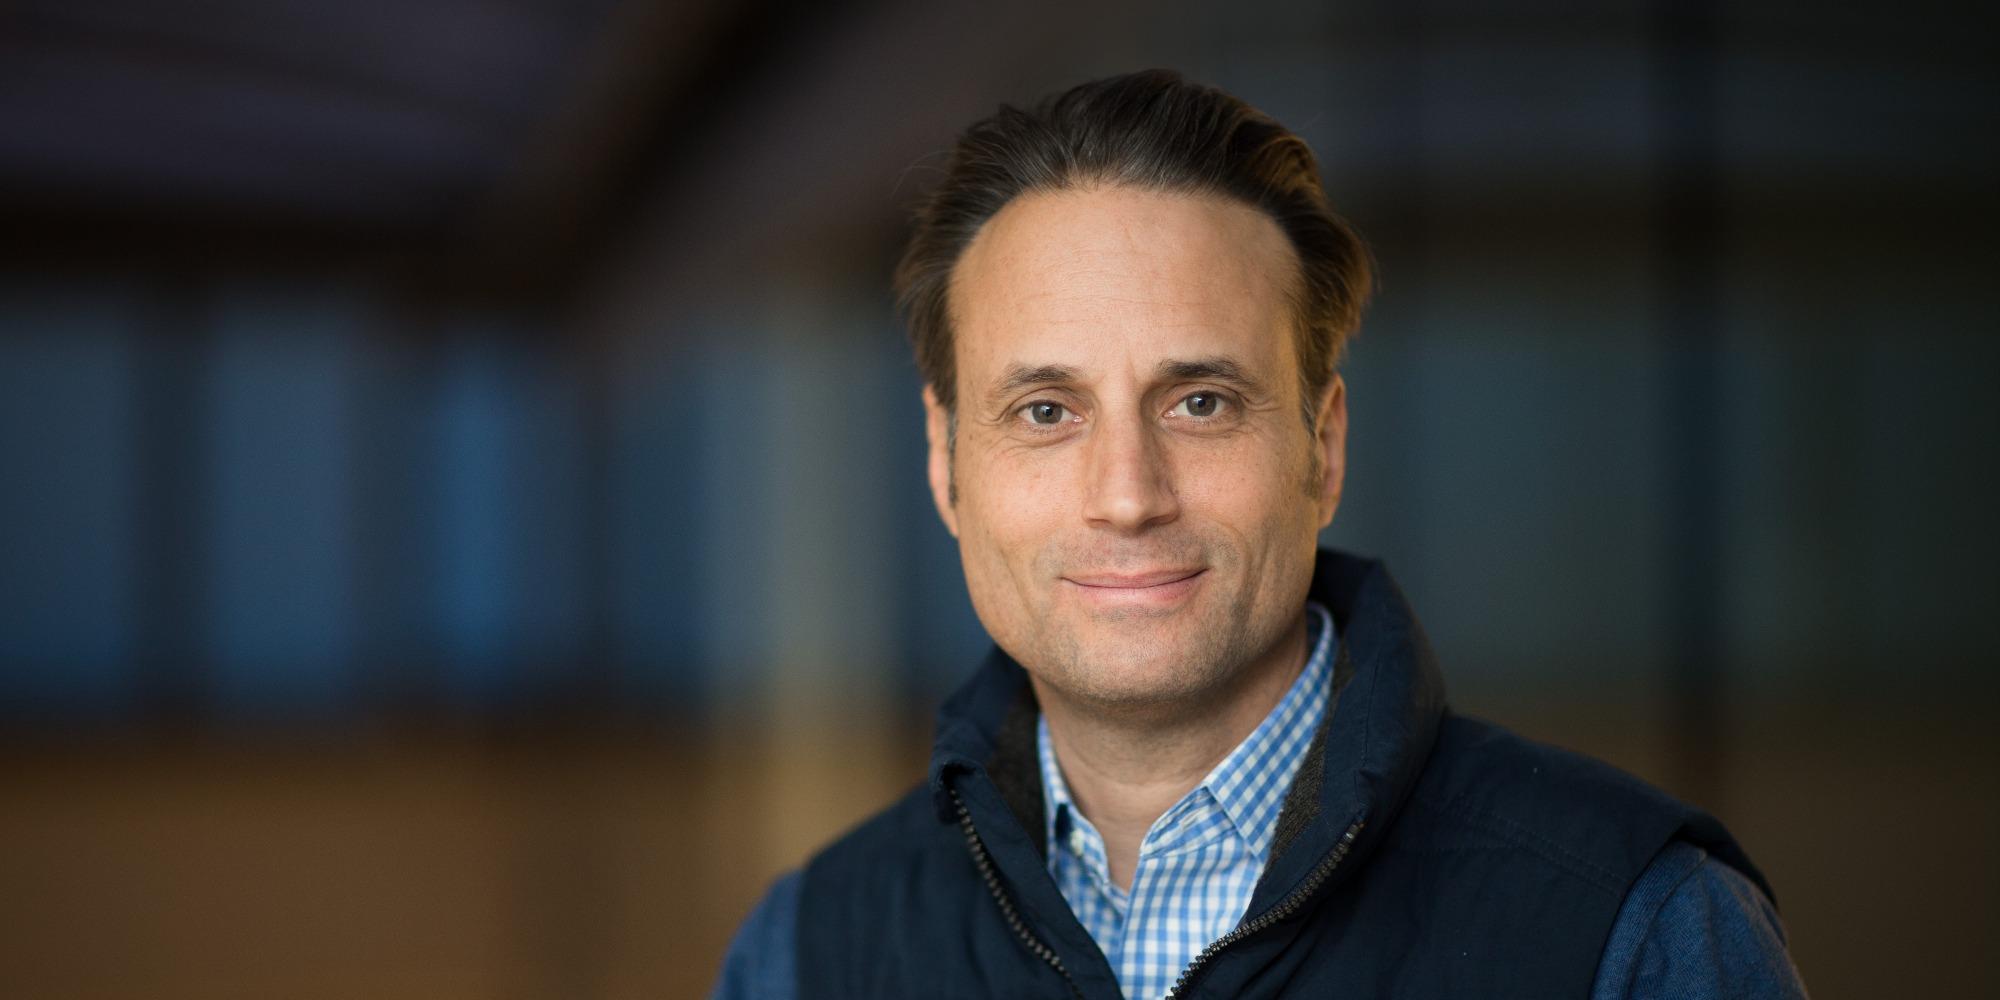 Dr Adam Parr